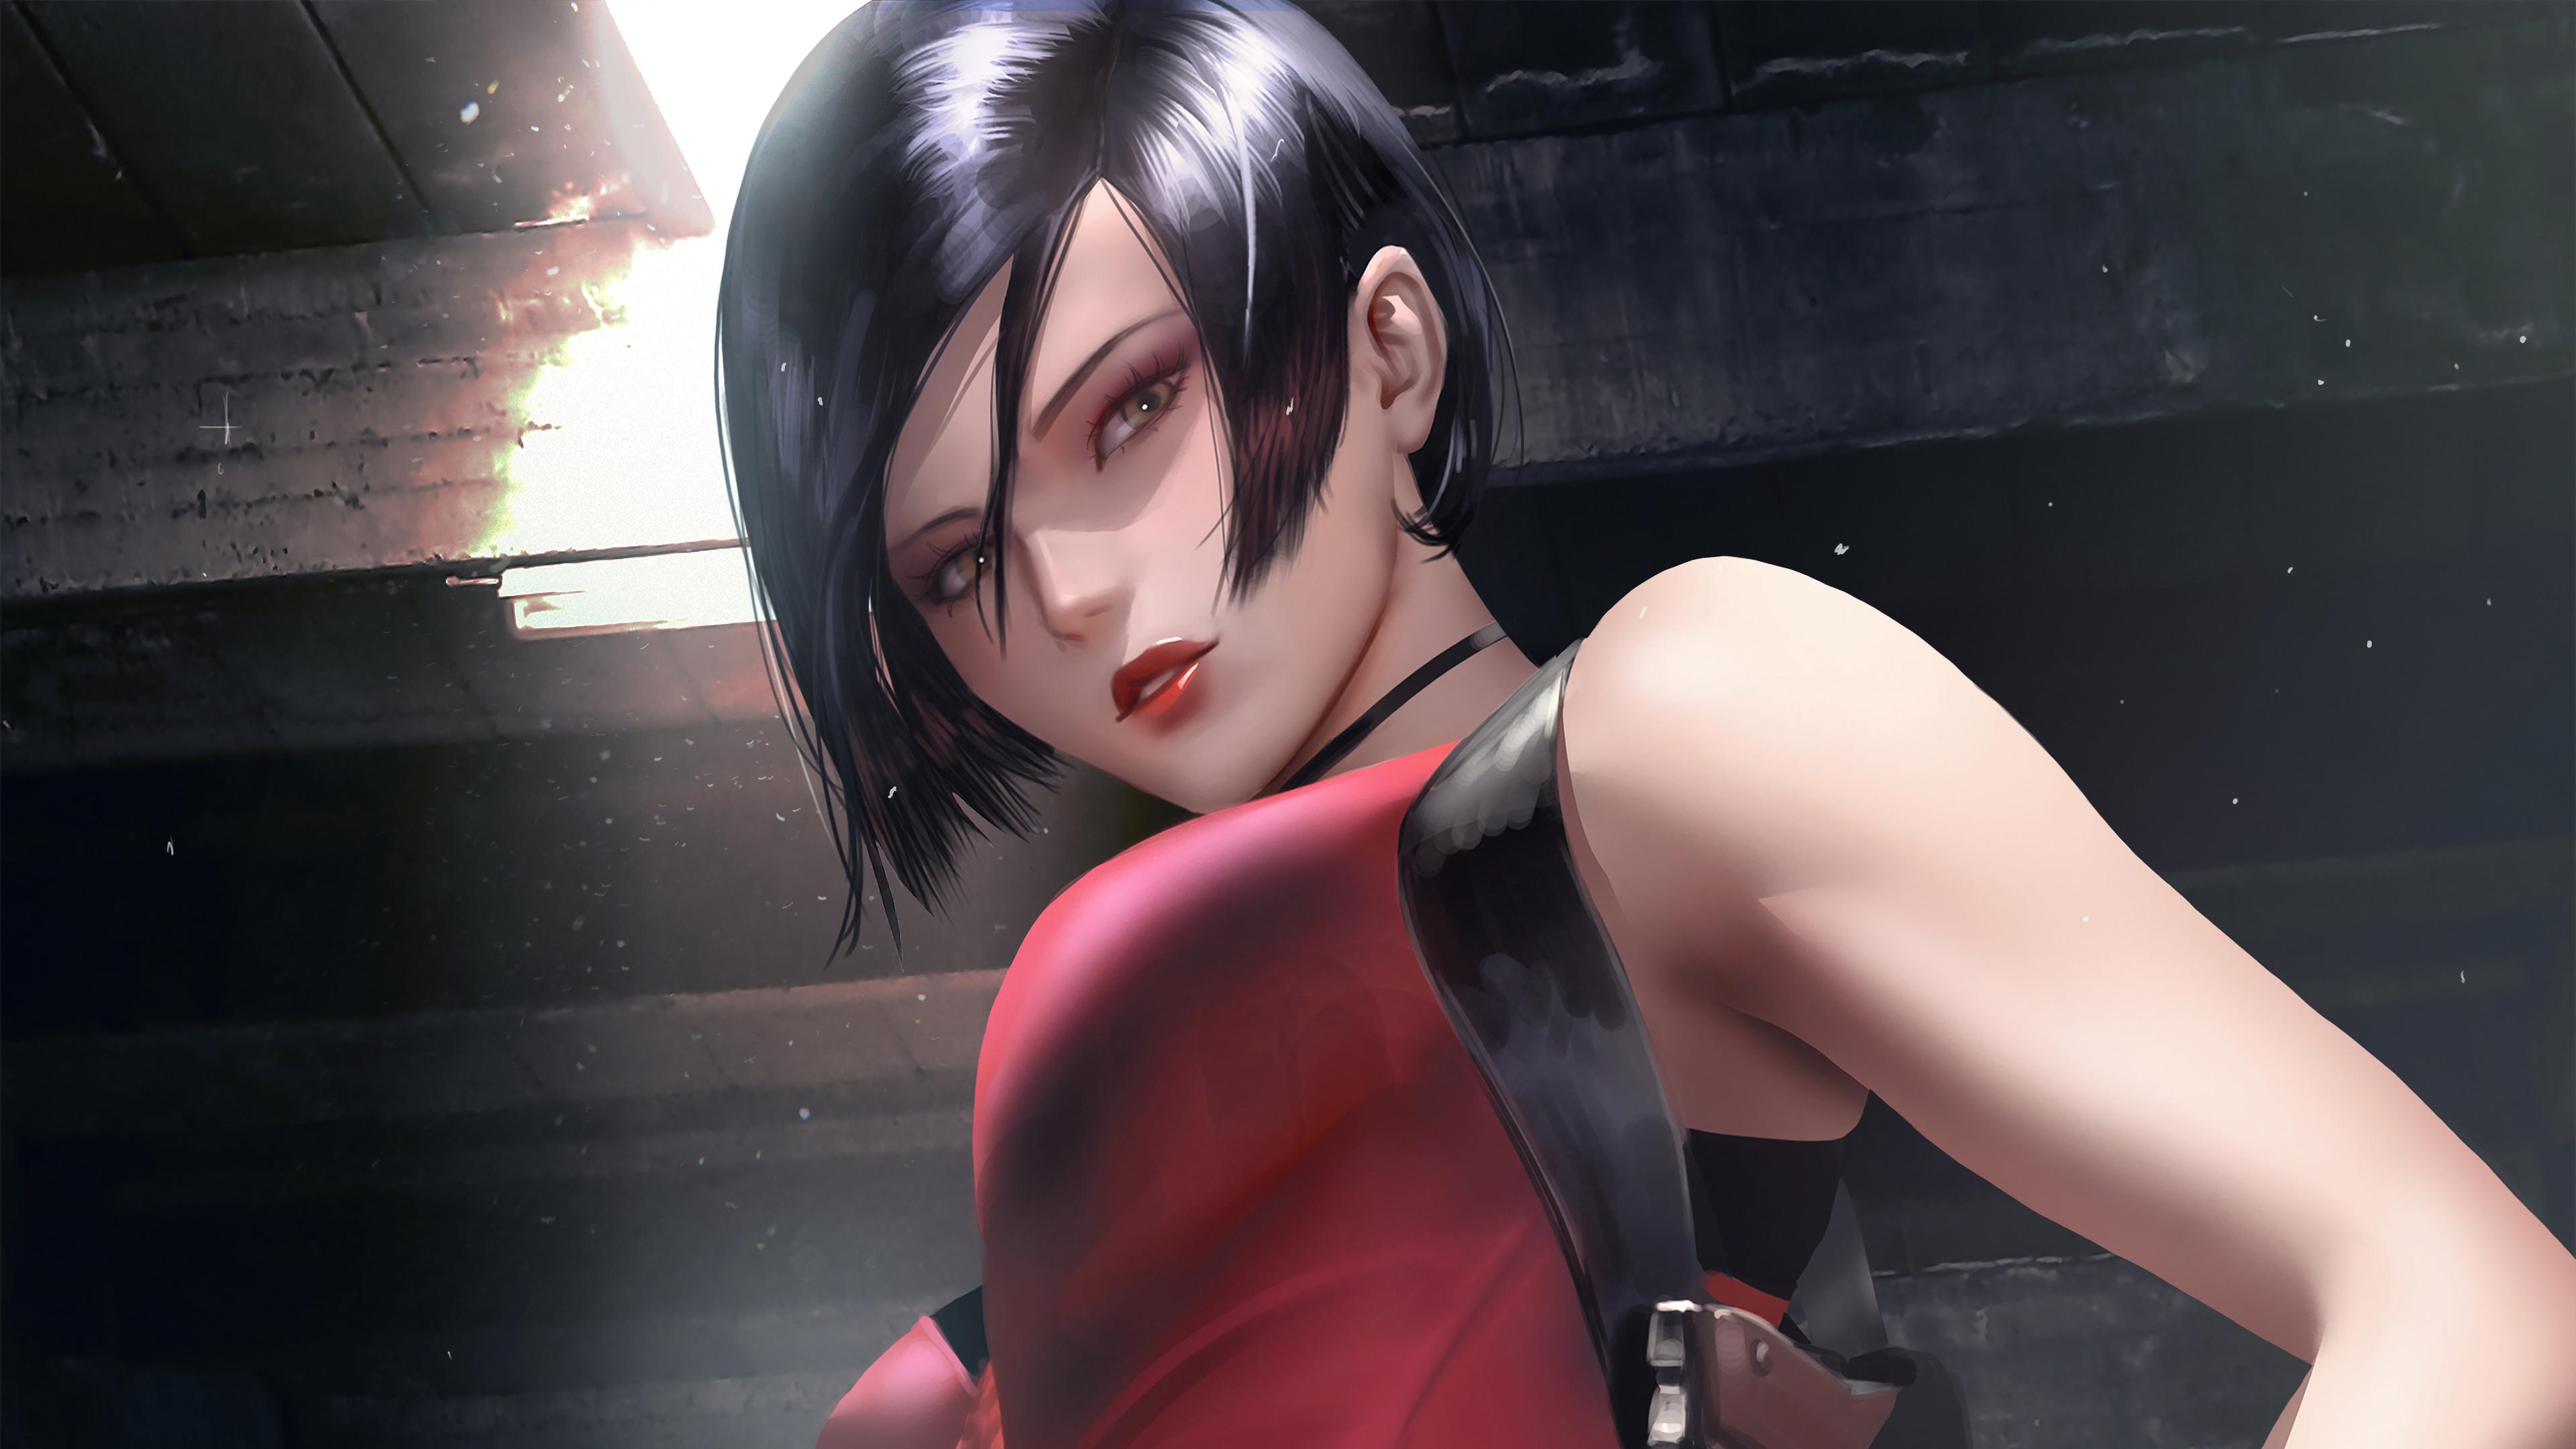 Wallpaper : ada wong, Resident Evil, Resident Evil 2 ...